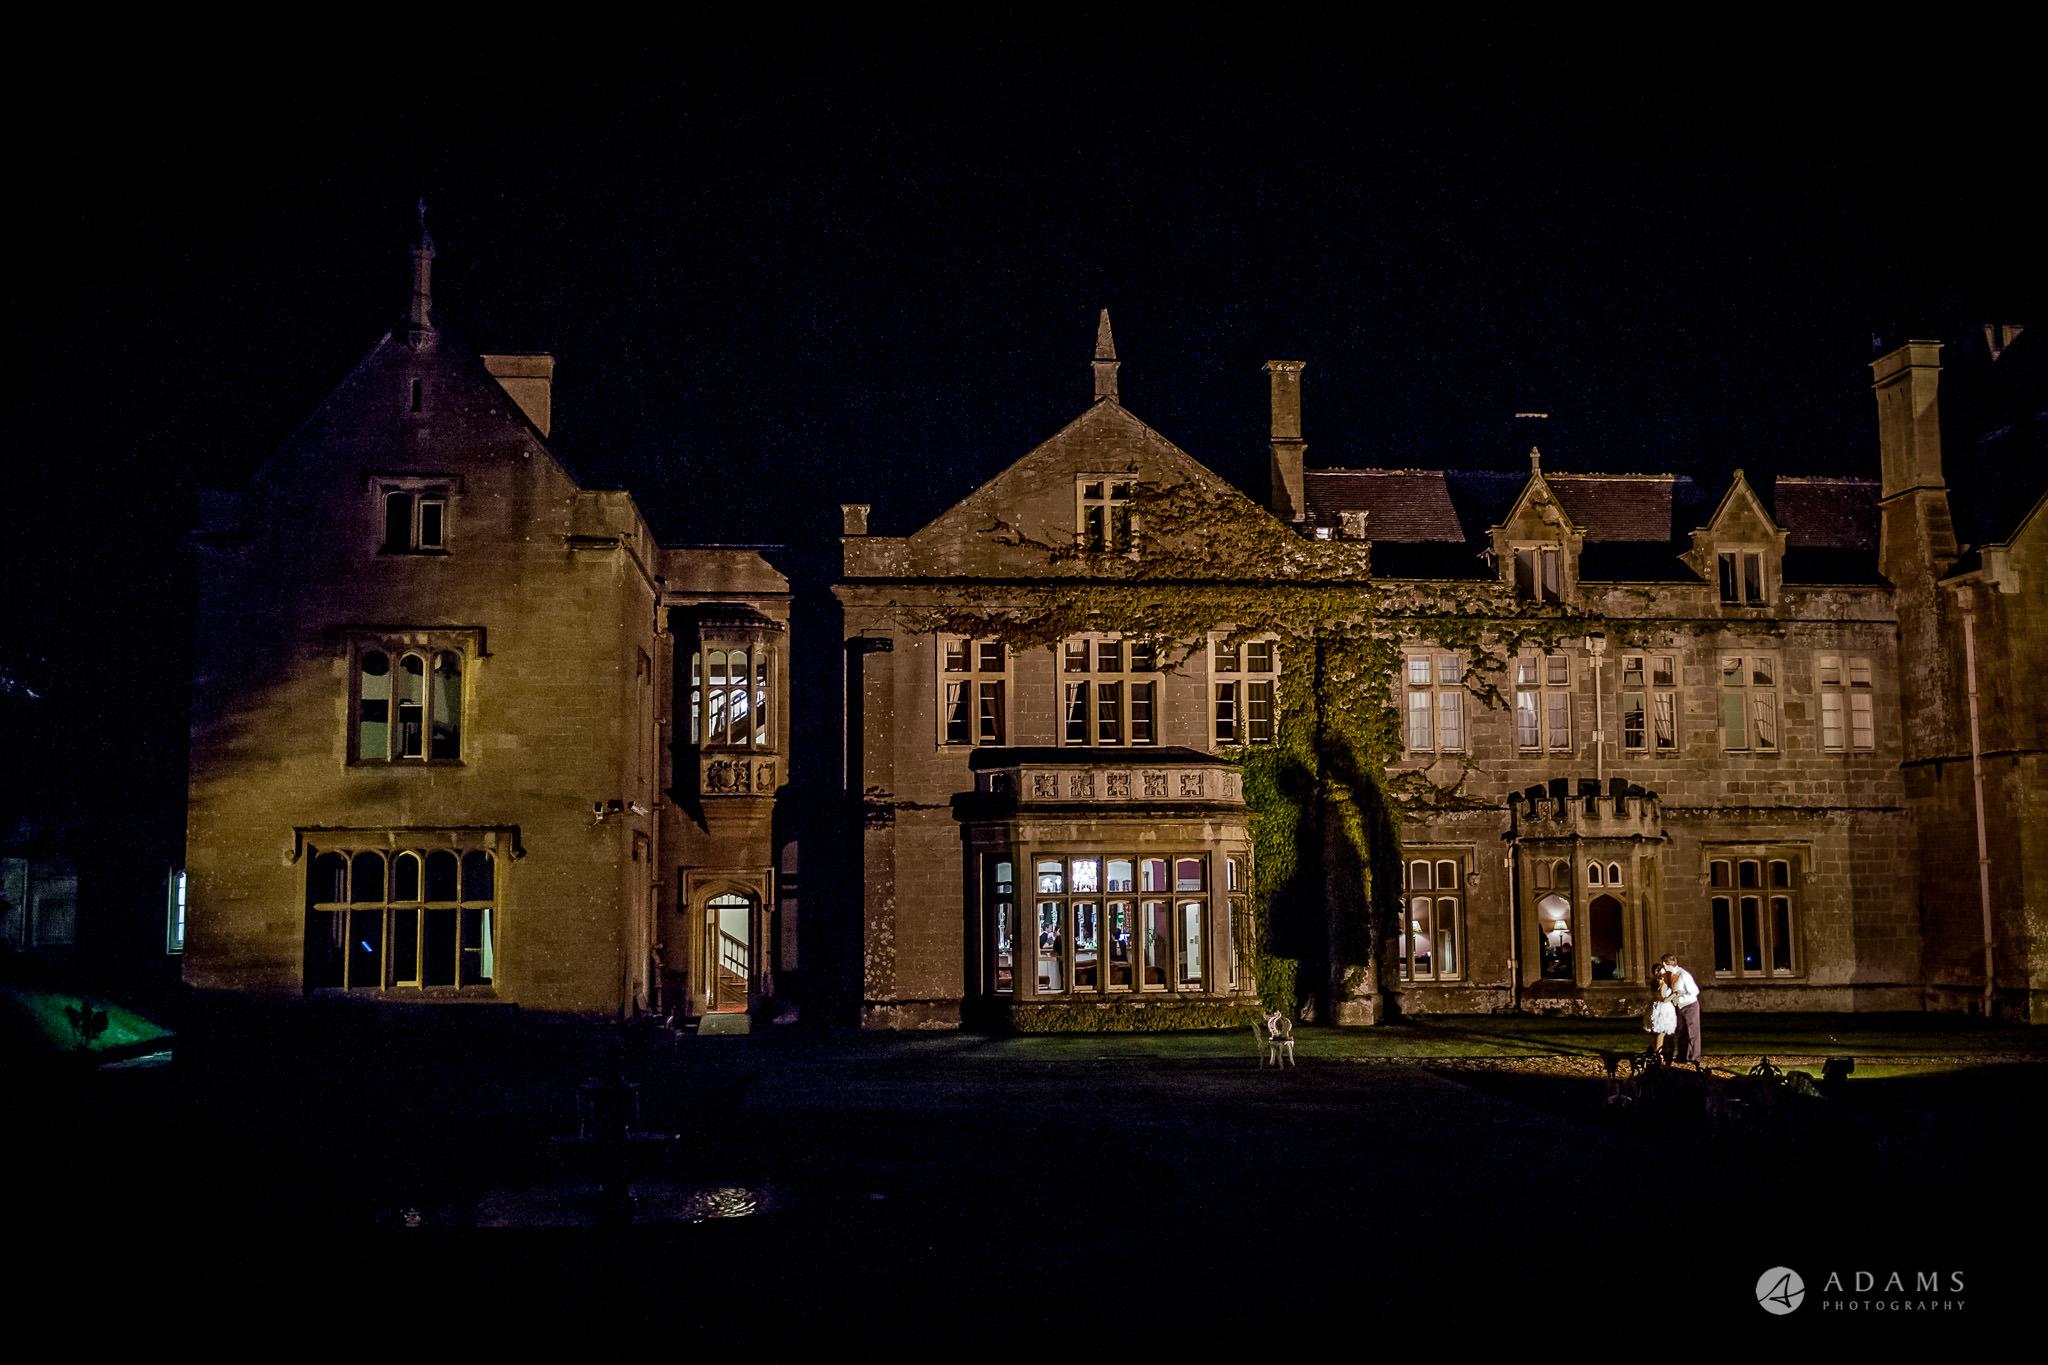 St Audries Park wedding venue silhouette